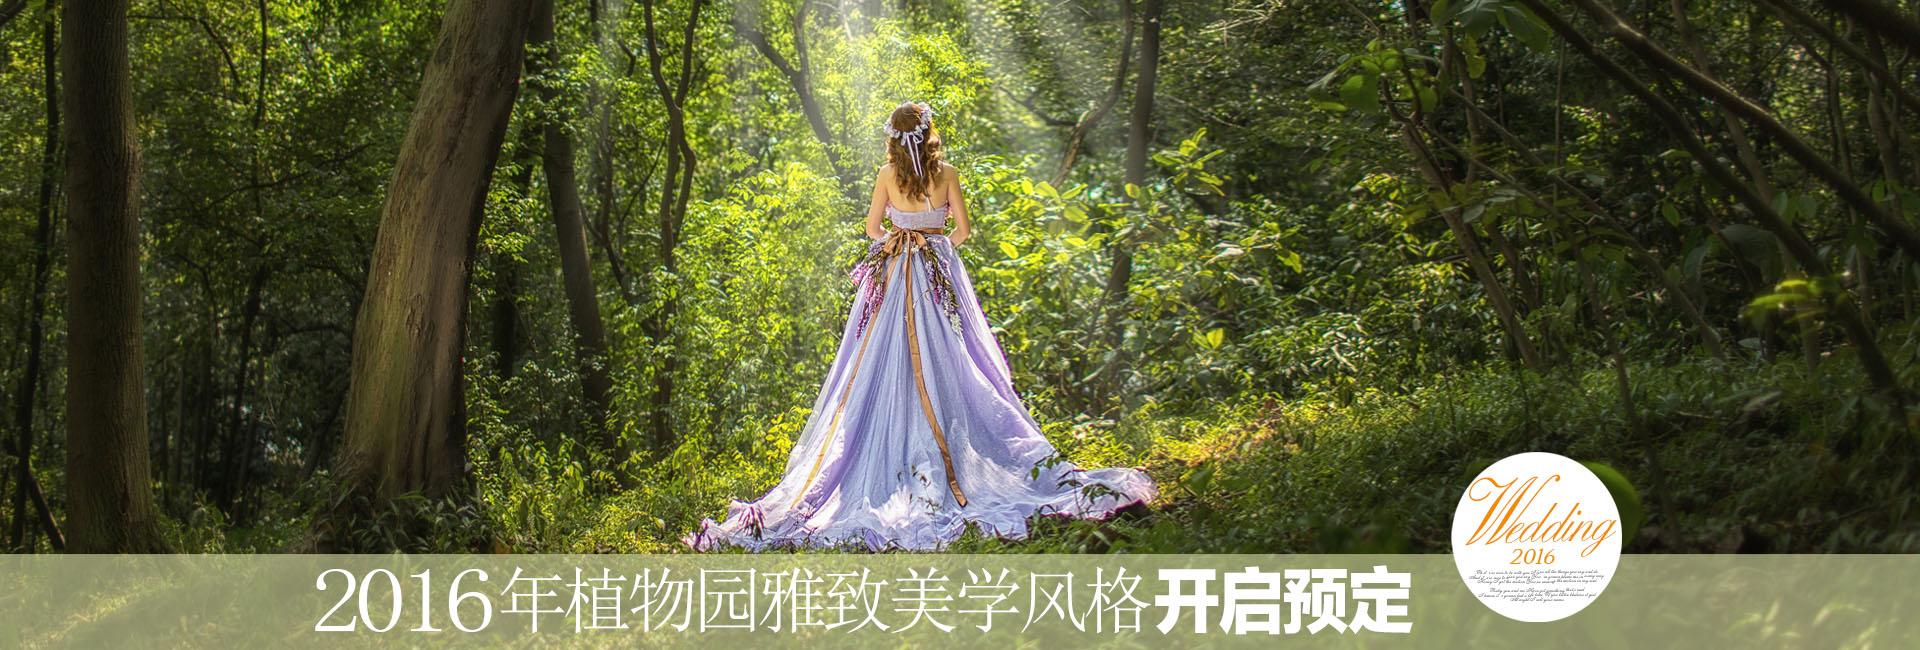 婚纱摄影最丰富的取景地,风格全面,海量美片儿点击查看!